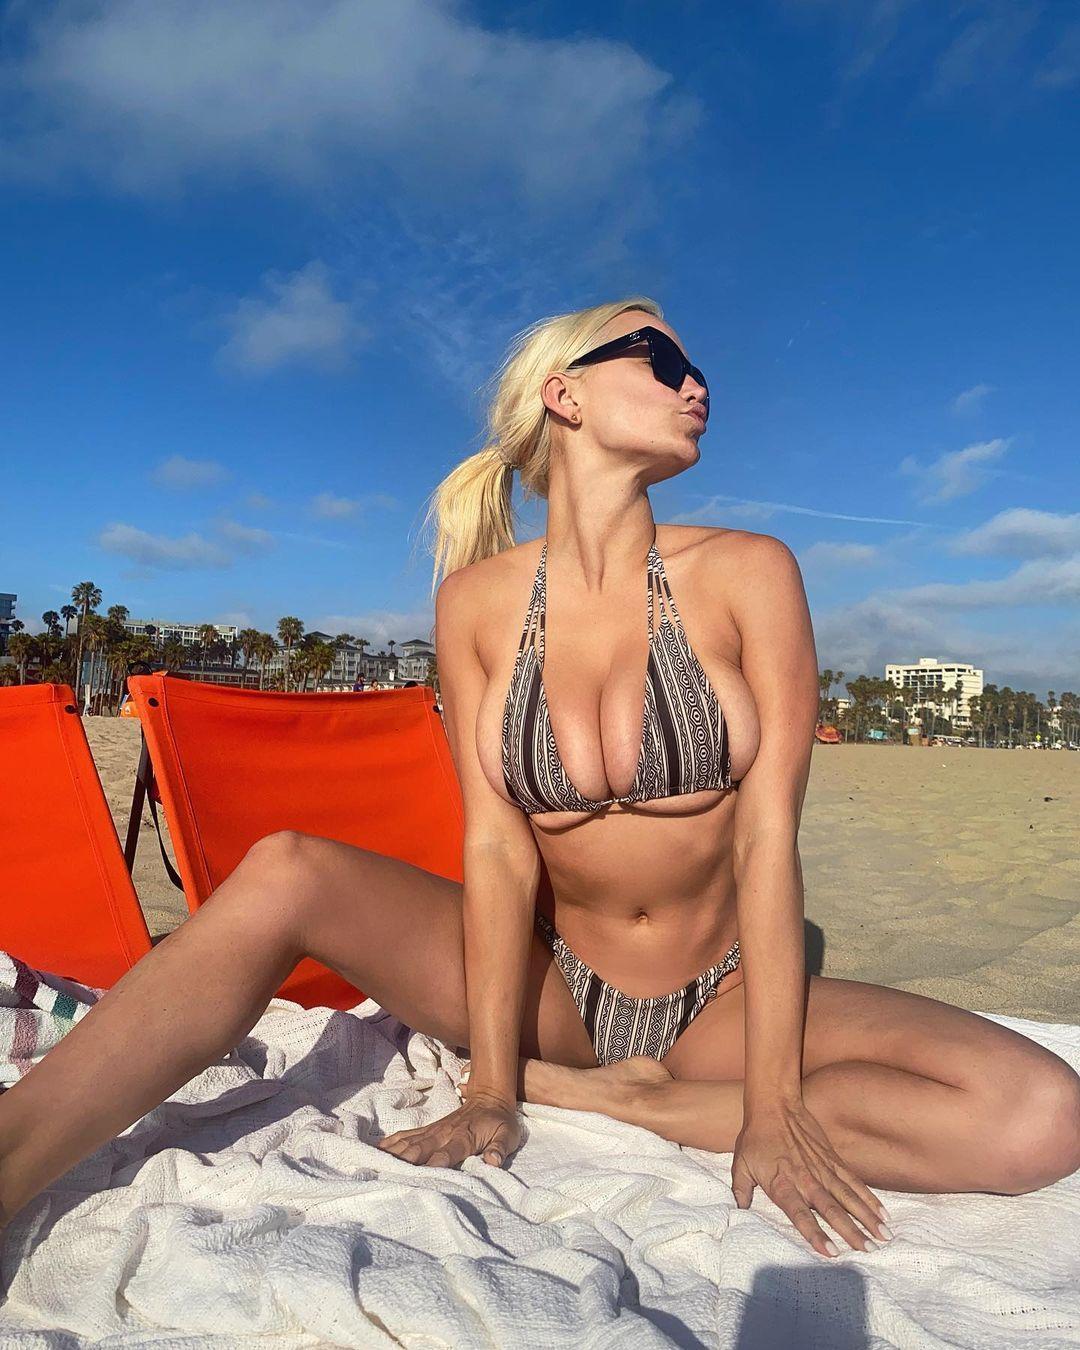 Lindsey Peals Sexy Boobs In Bikini